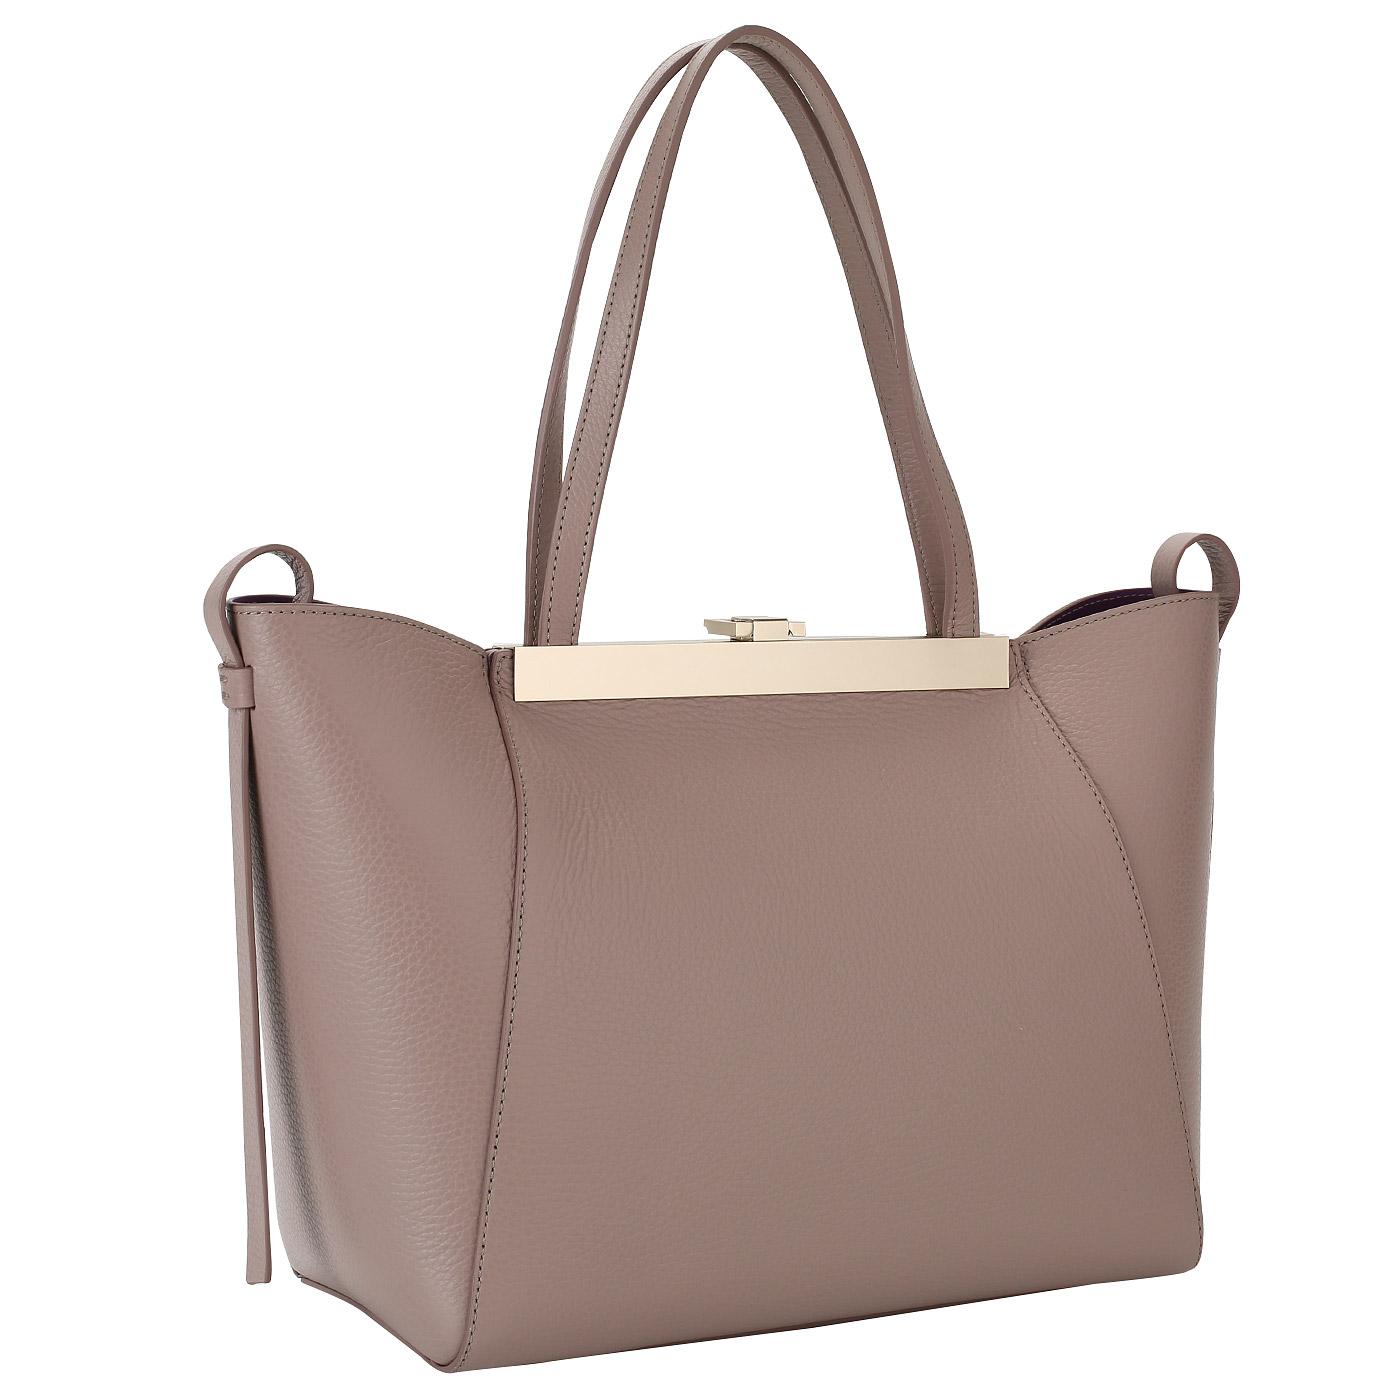 ac0b3d4009c5 Женские сумки Gironacci - каталог цен, где купить в интернет ...